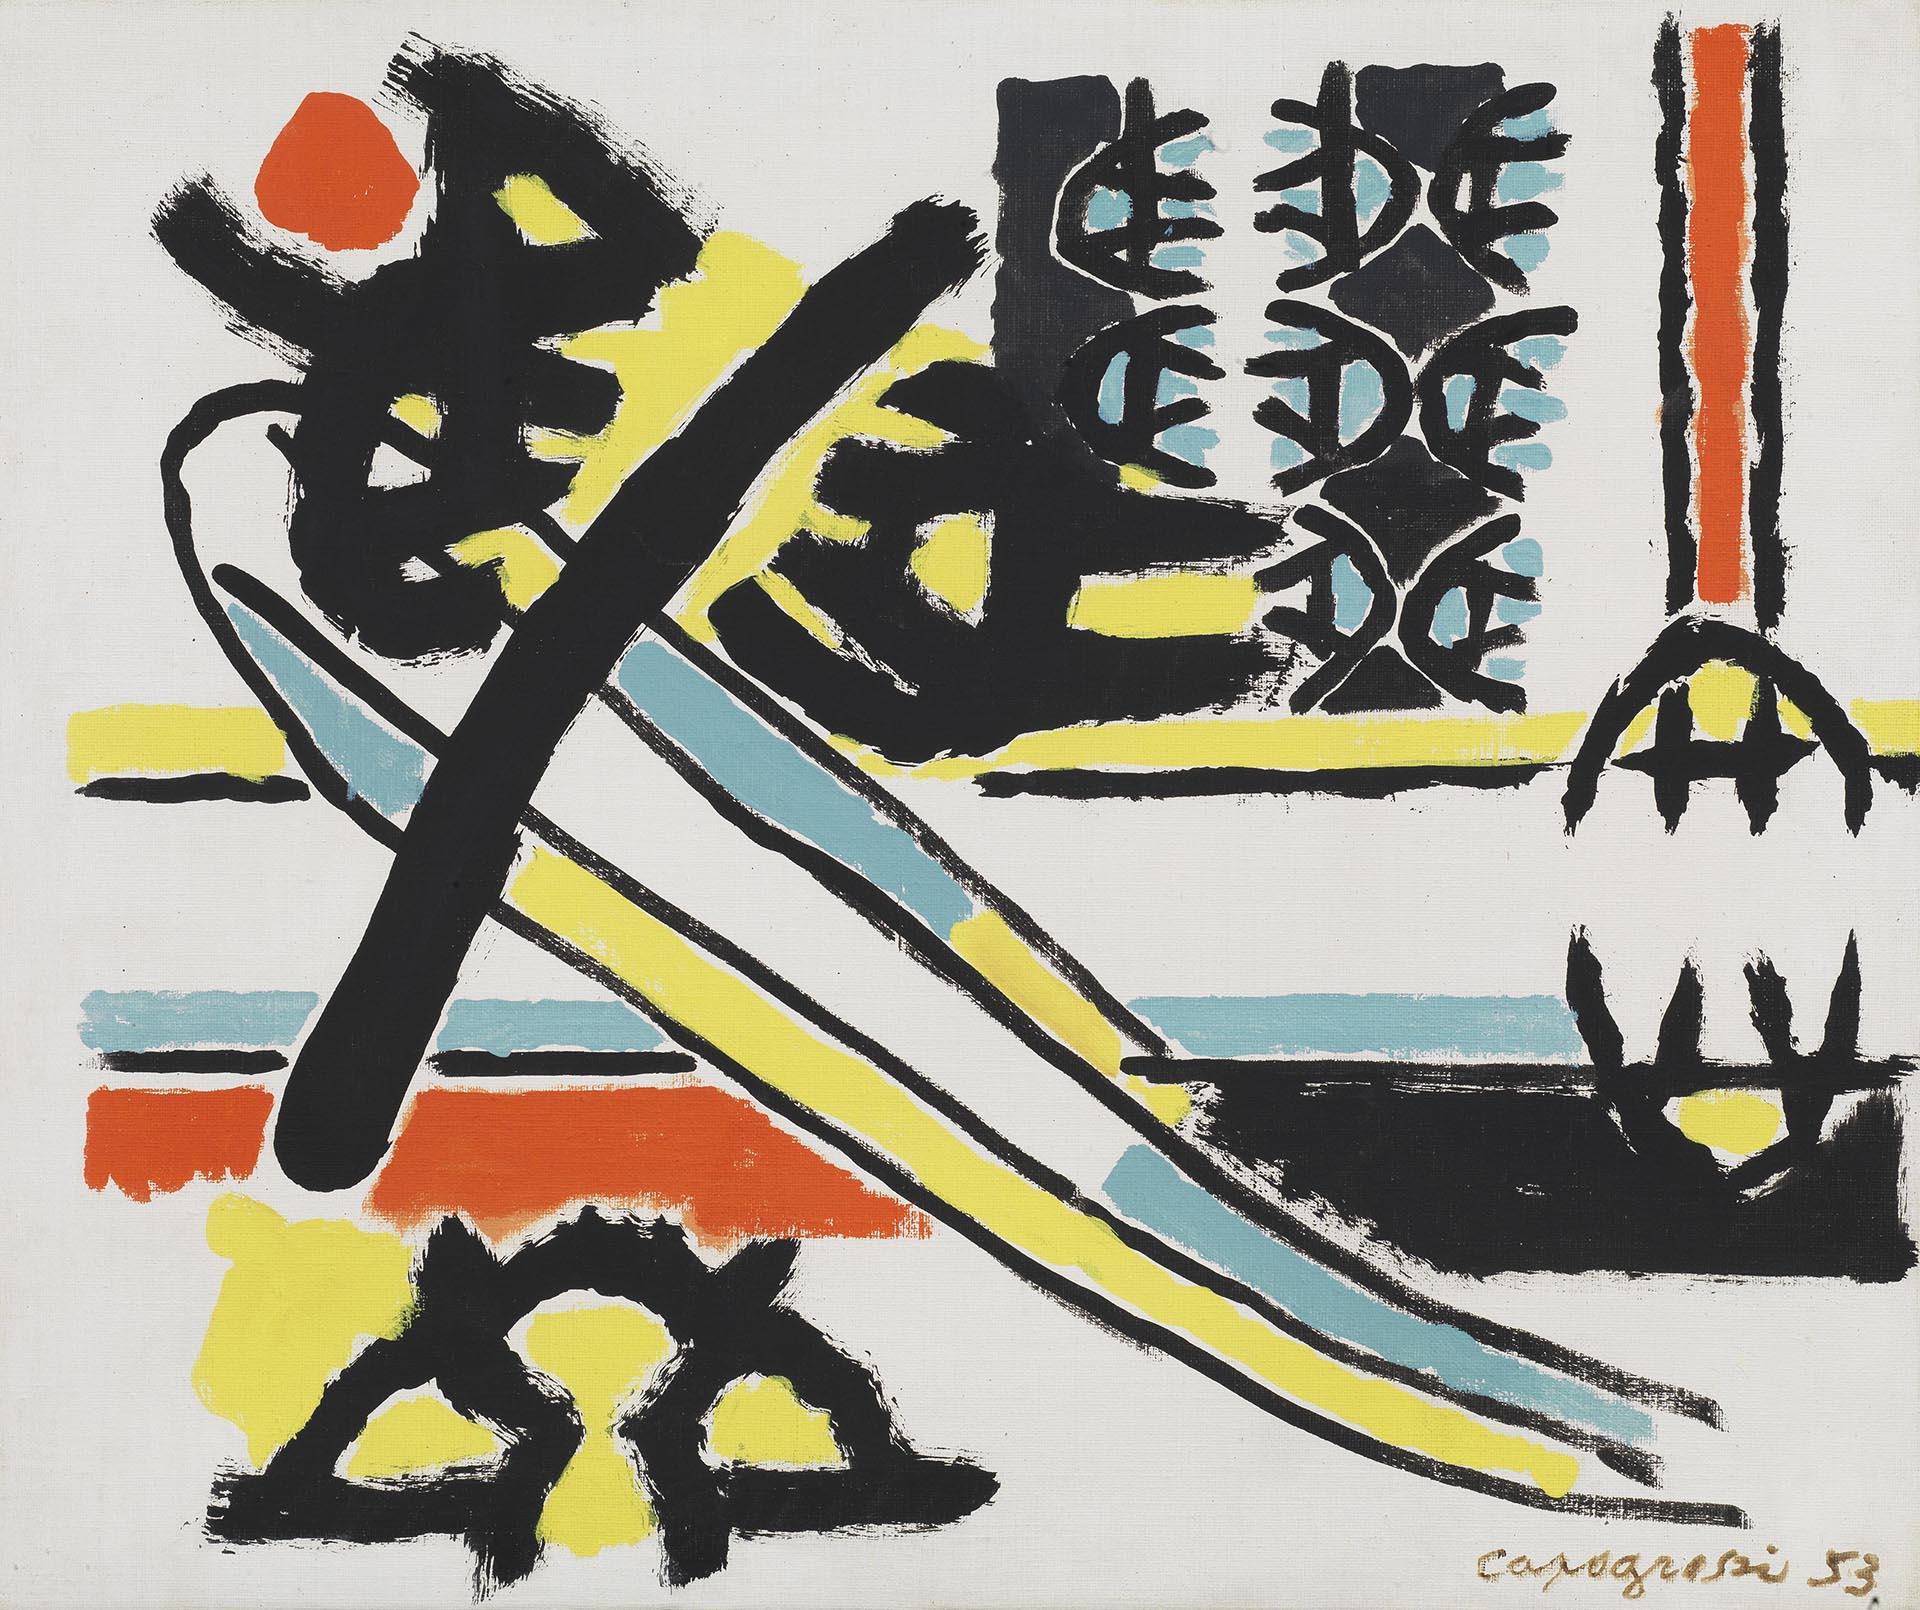 Capogrossi, Superficie 29, 1953, 38x46 cm